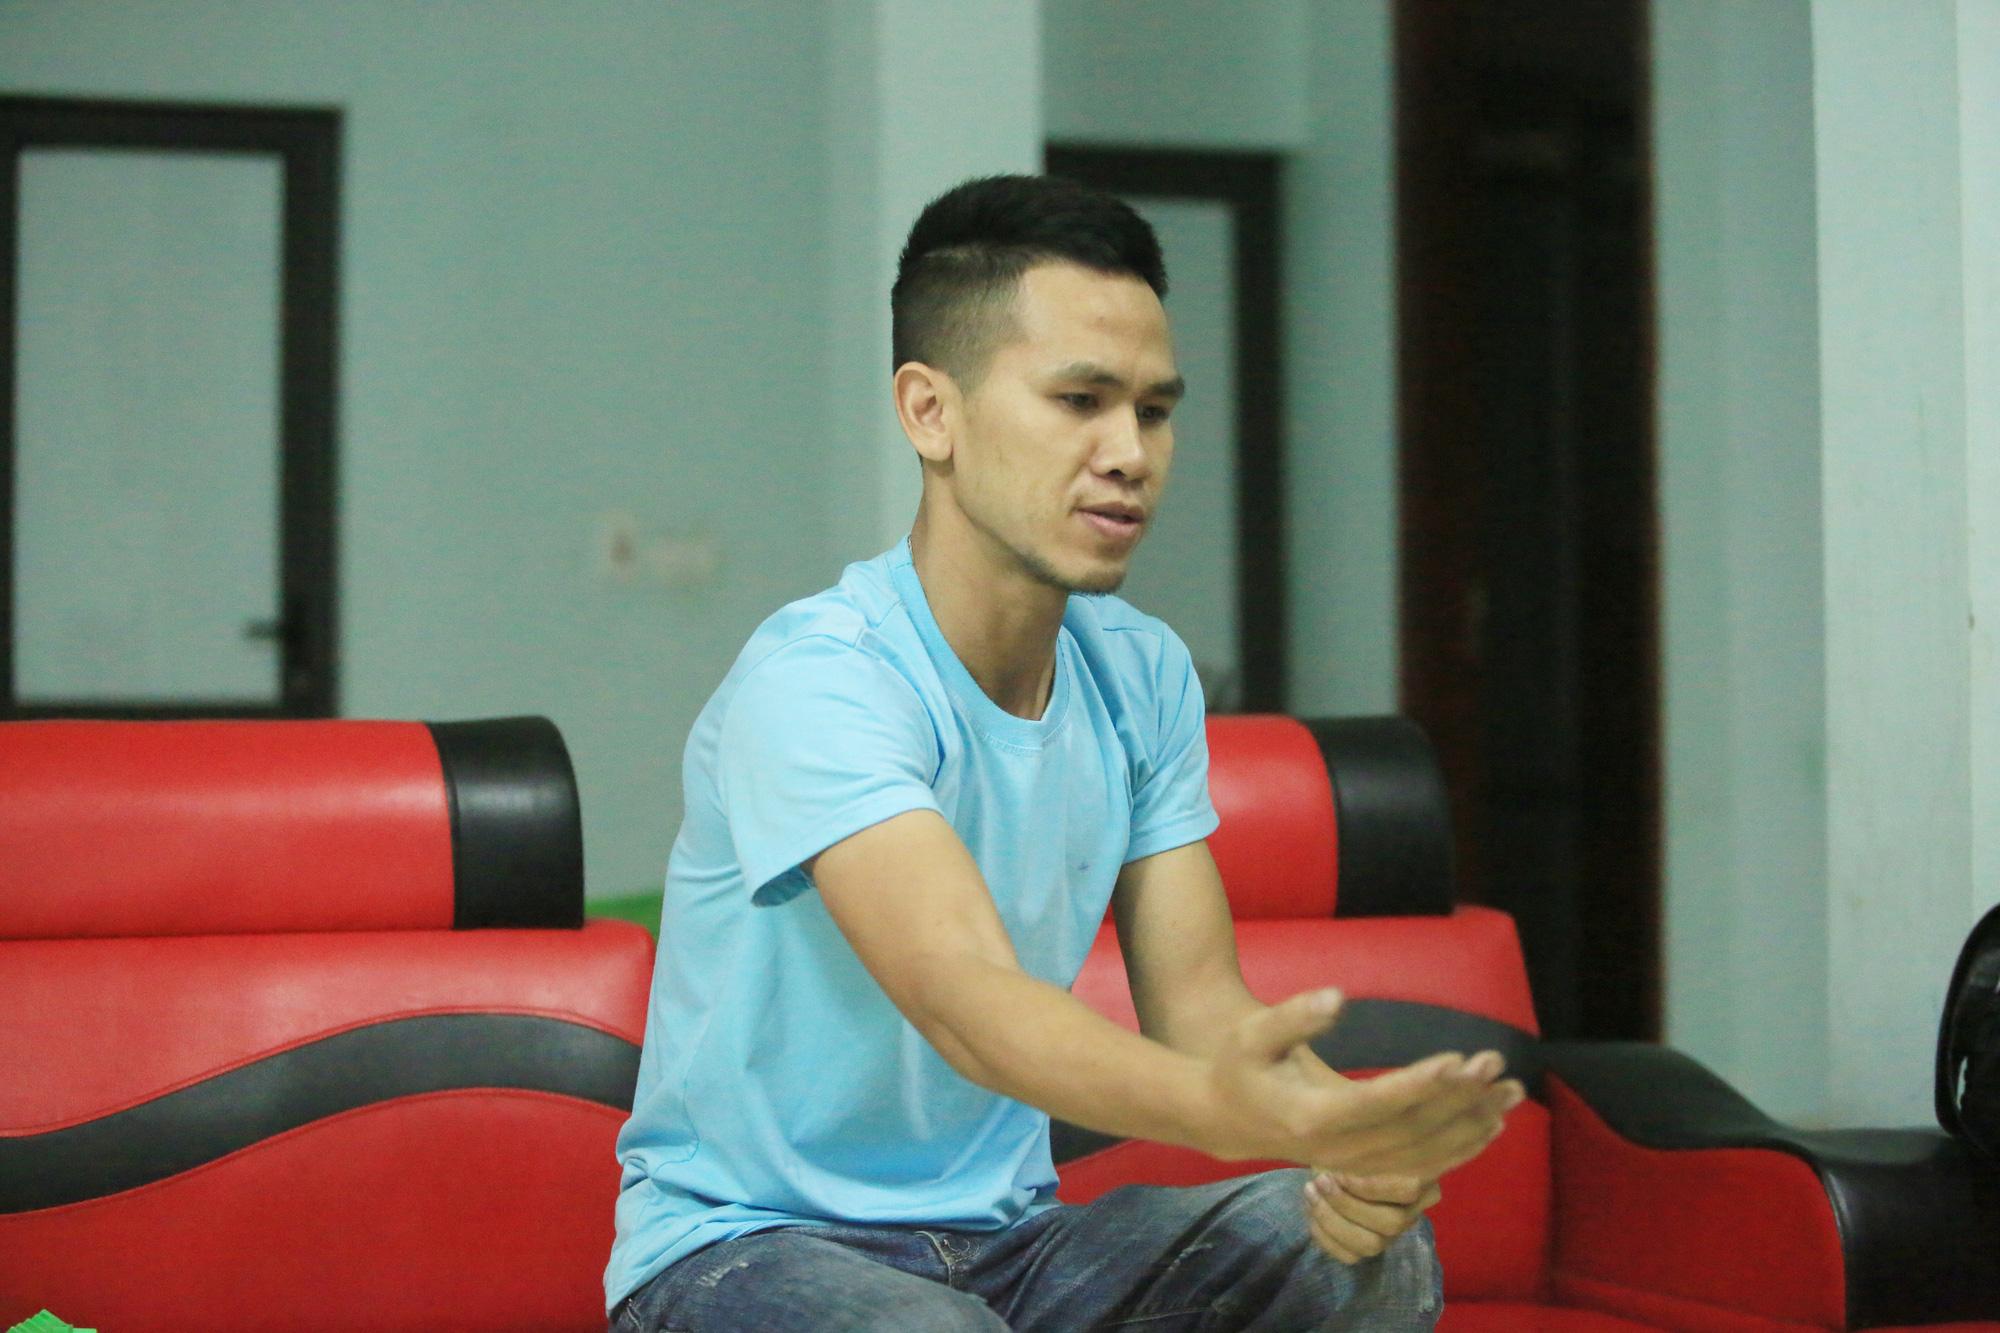 Những hình ảnh đời thường của người hùng Nguyễn Ngọc Mạnh - Ảnh 5.